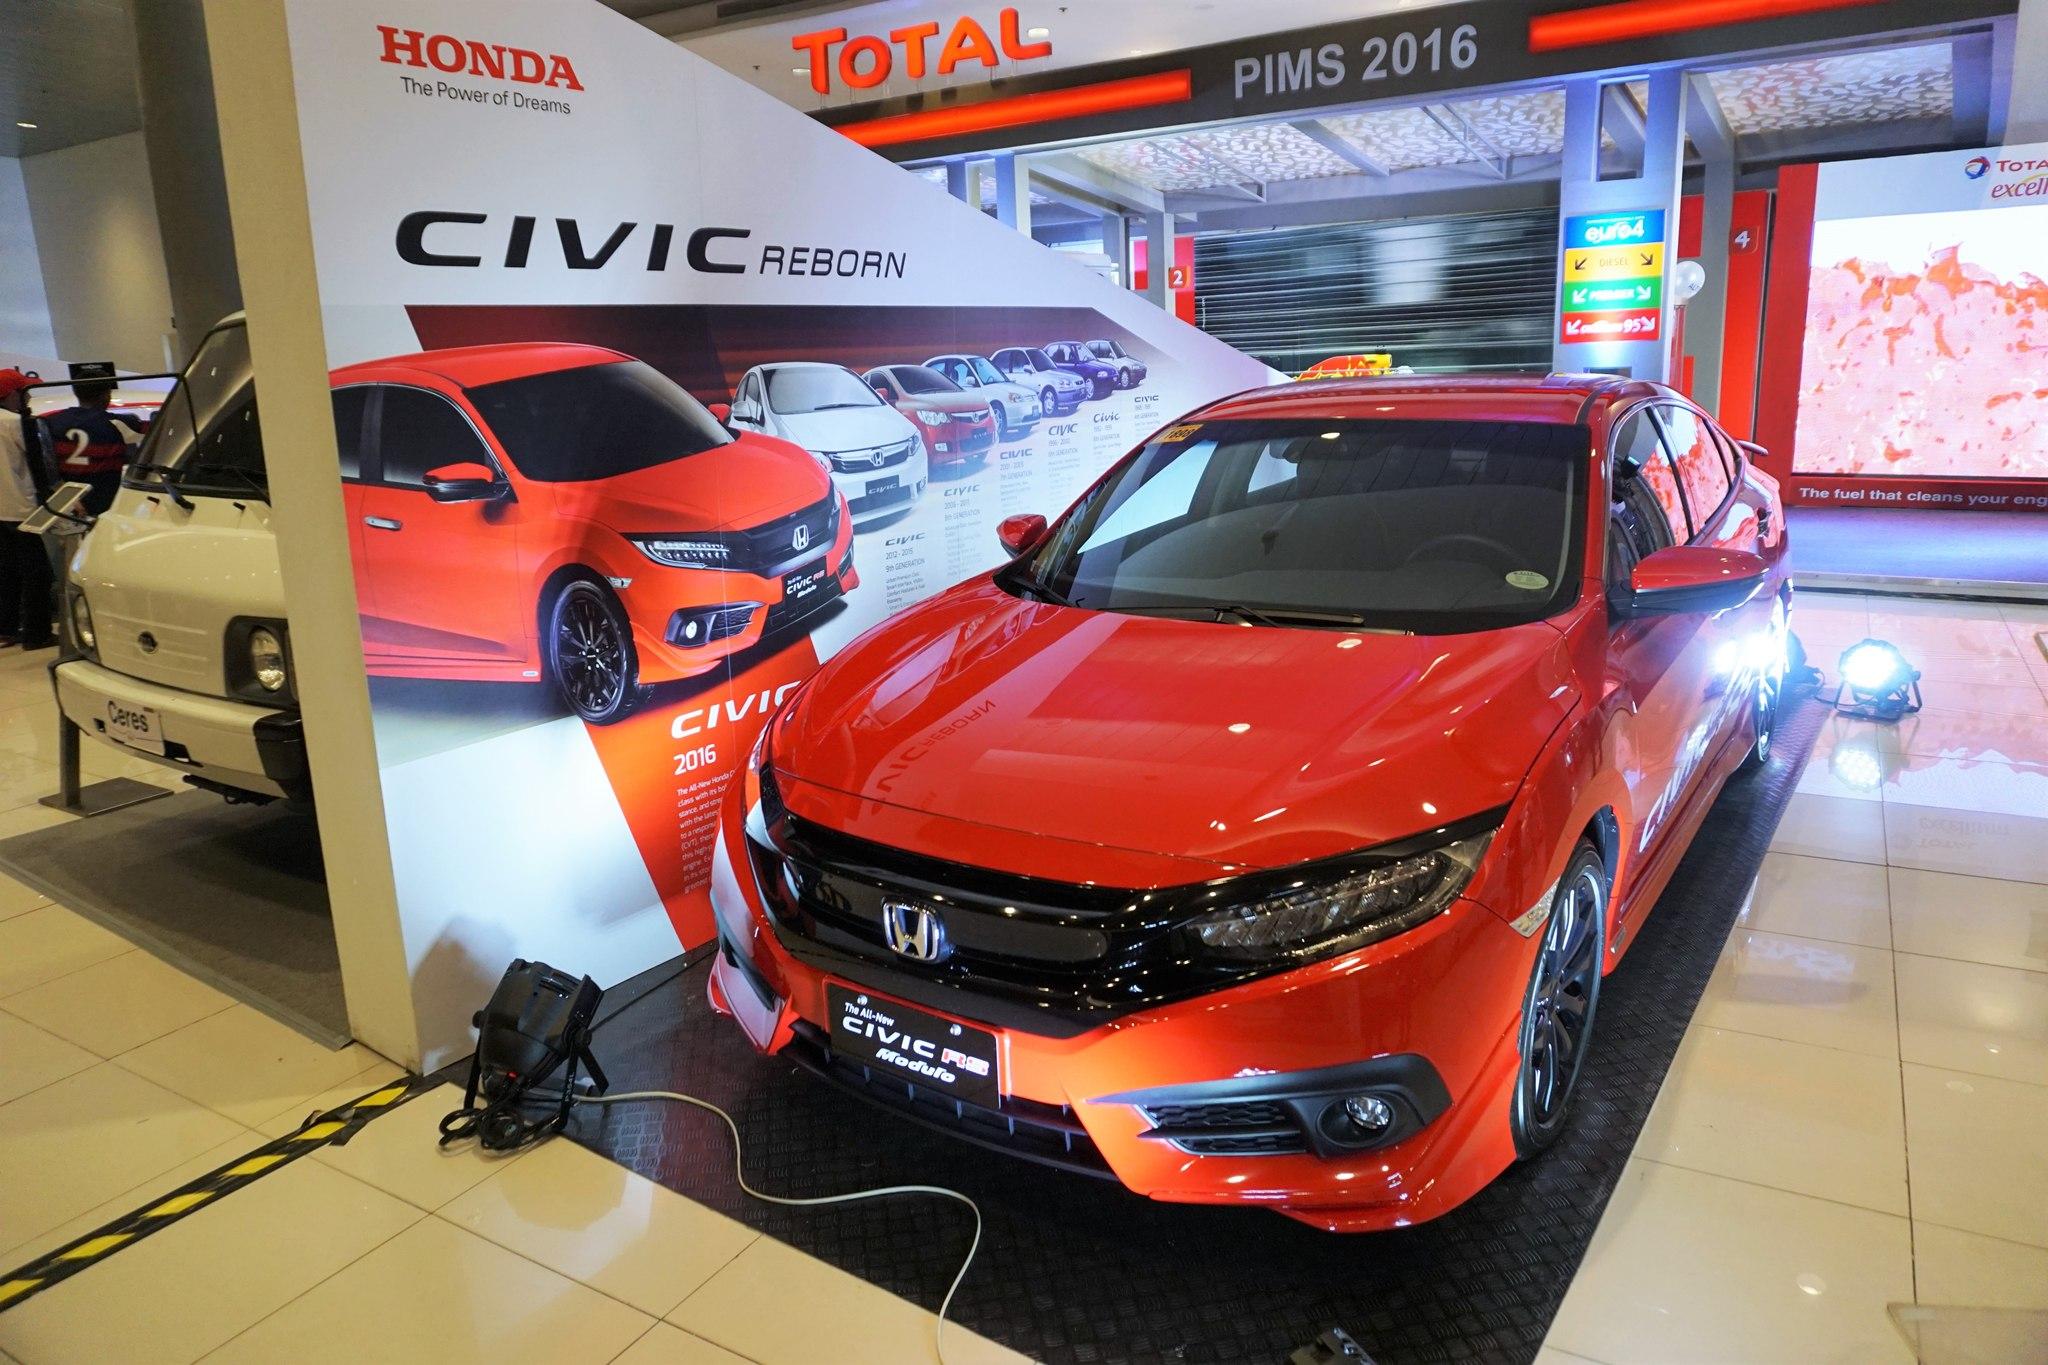 Honda civic reborn 1